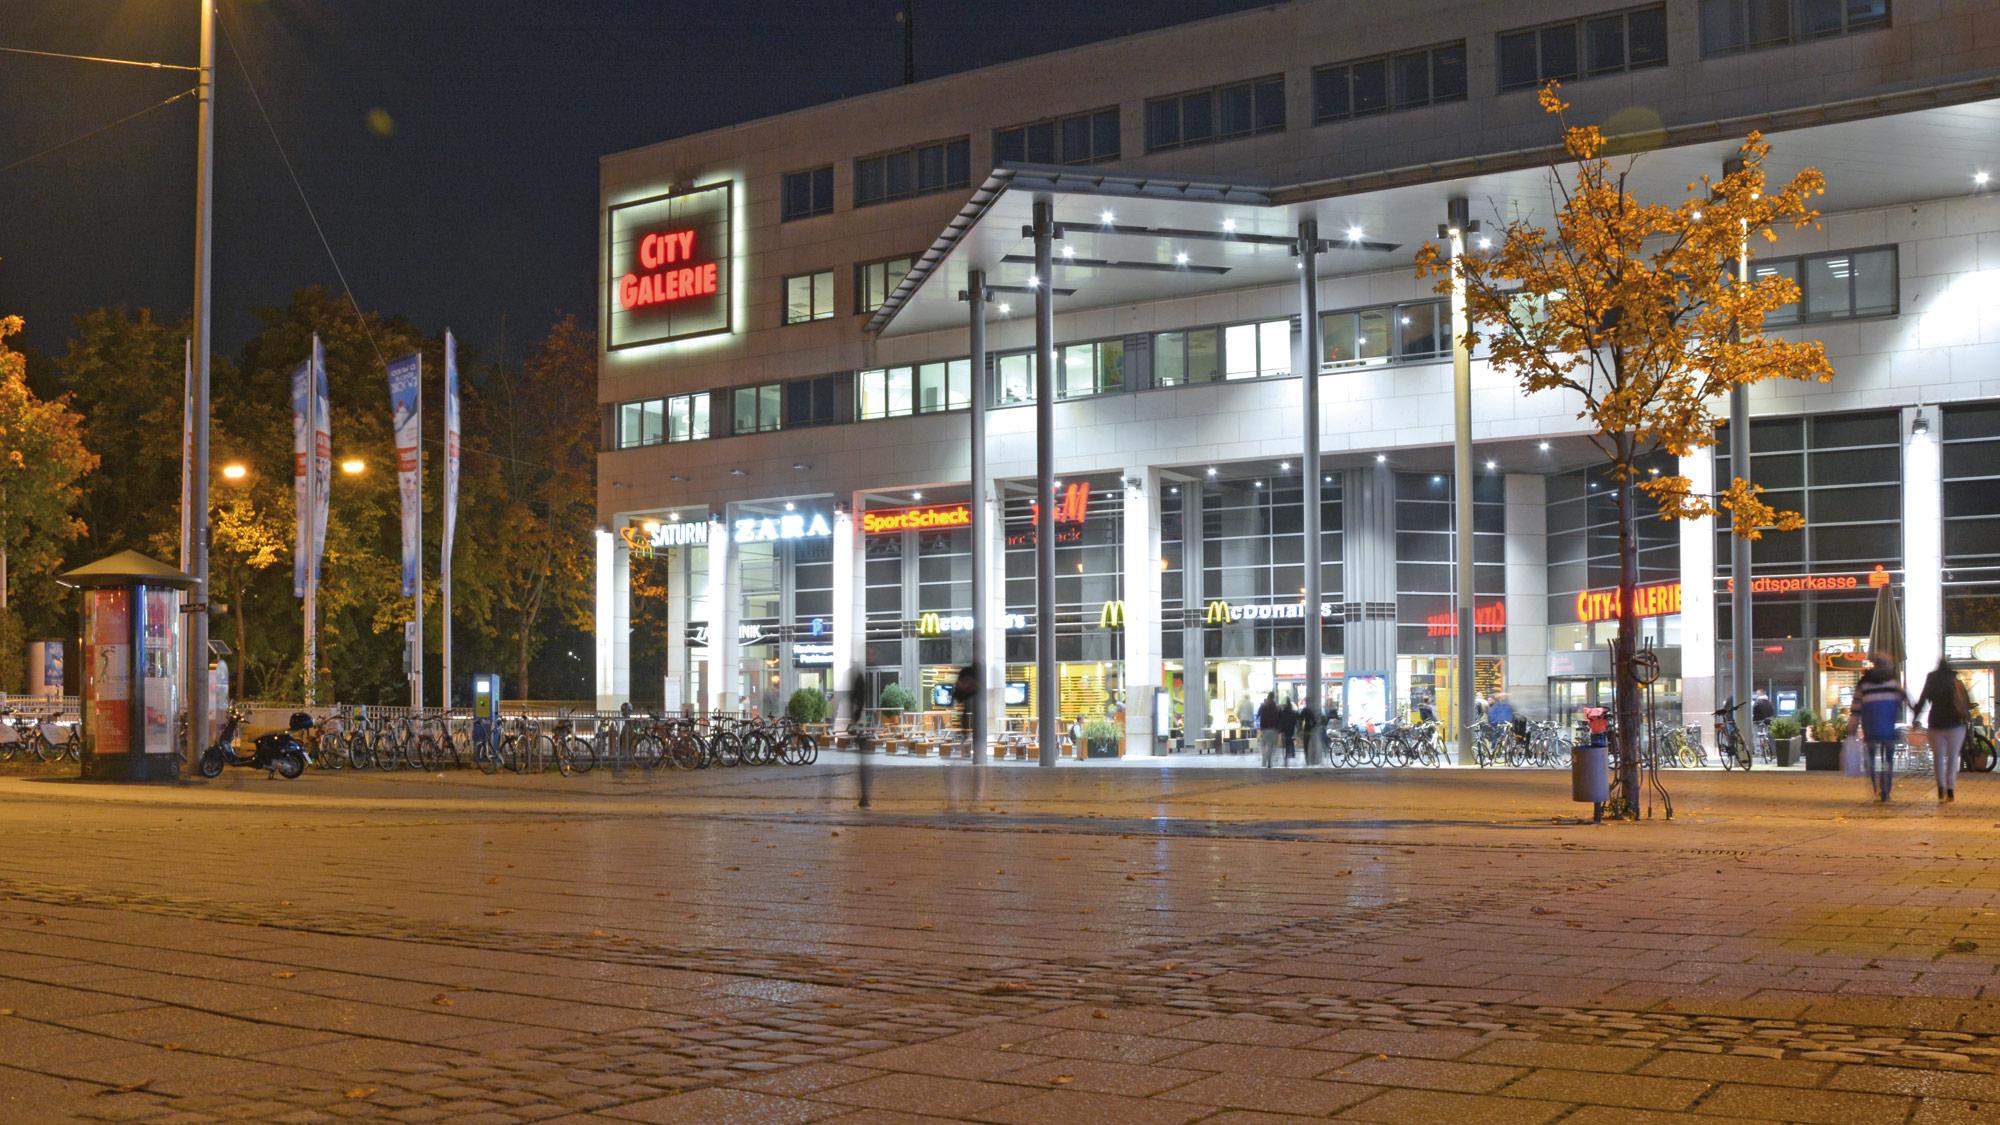 City-Galerie Augsburg